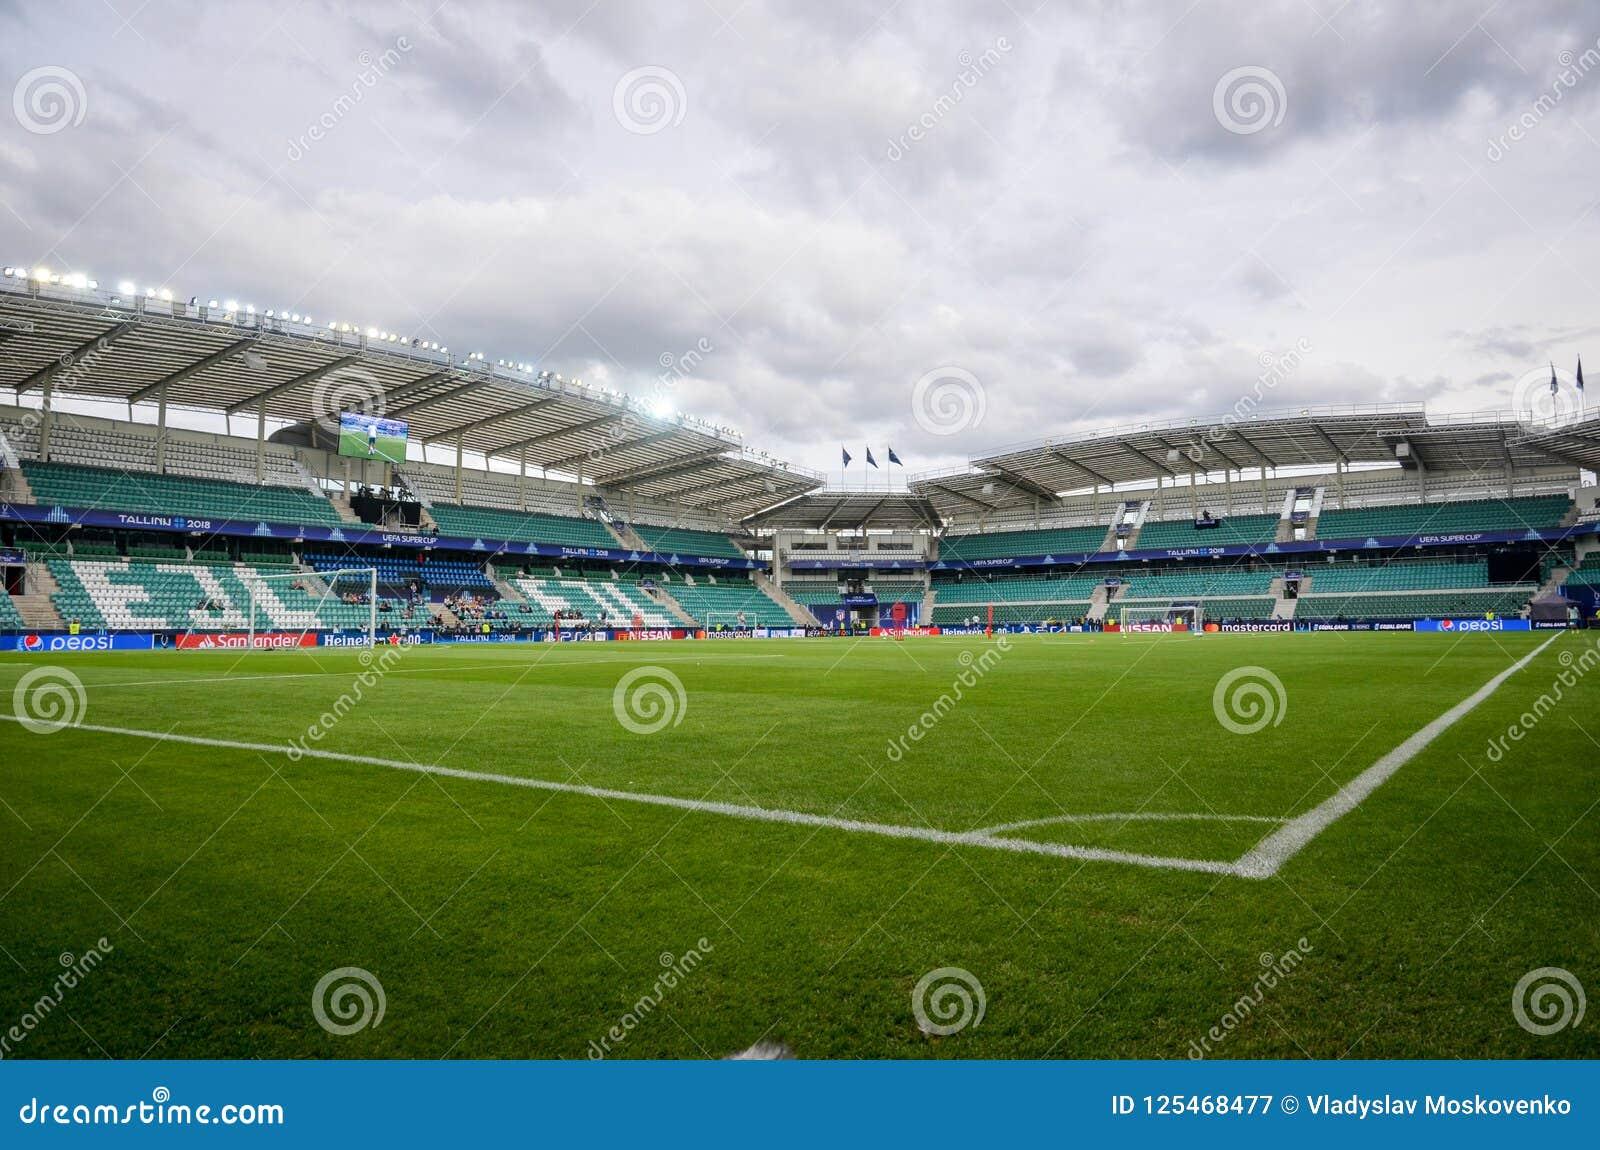 Tallinn Stadion